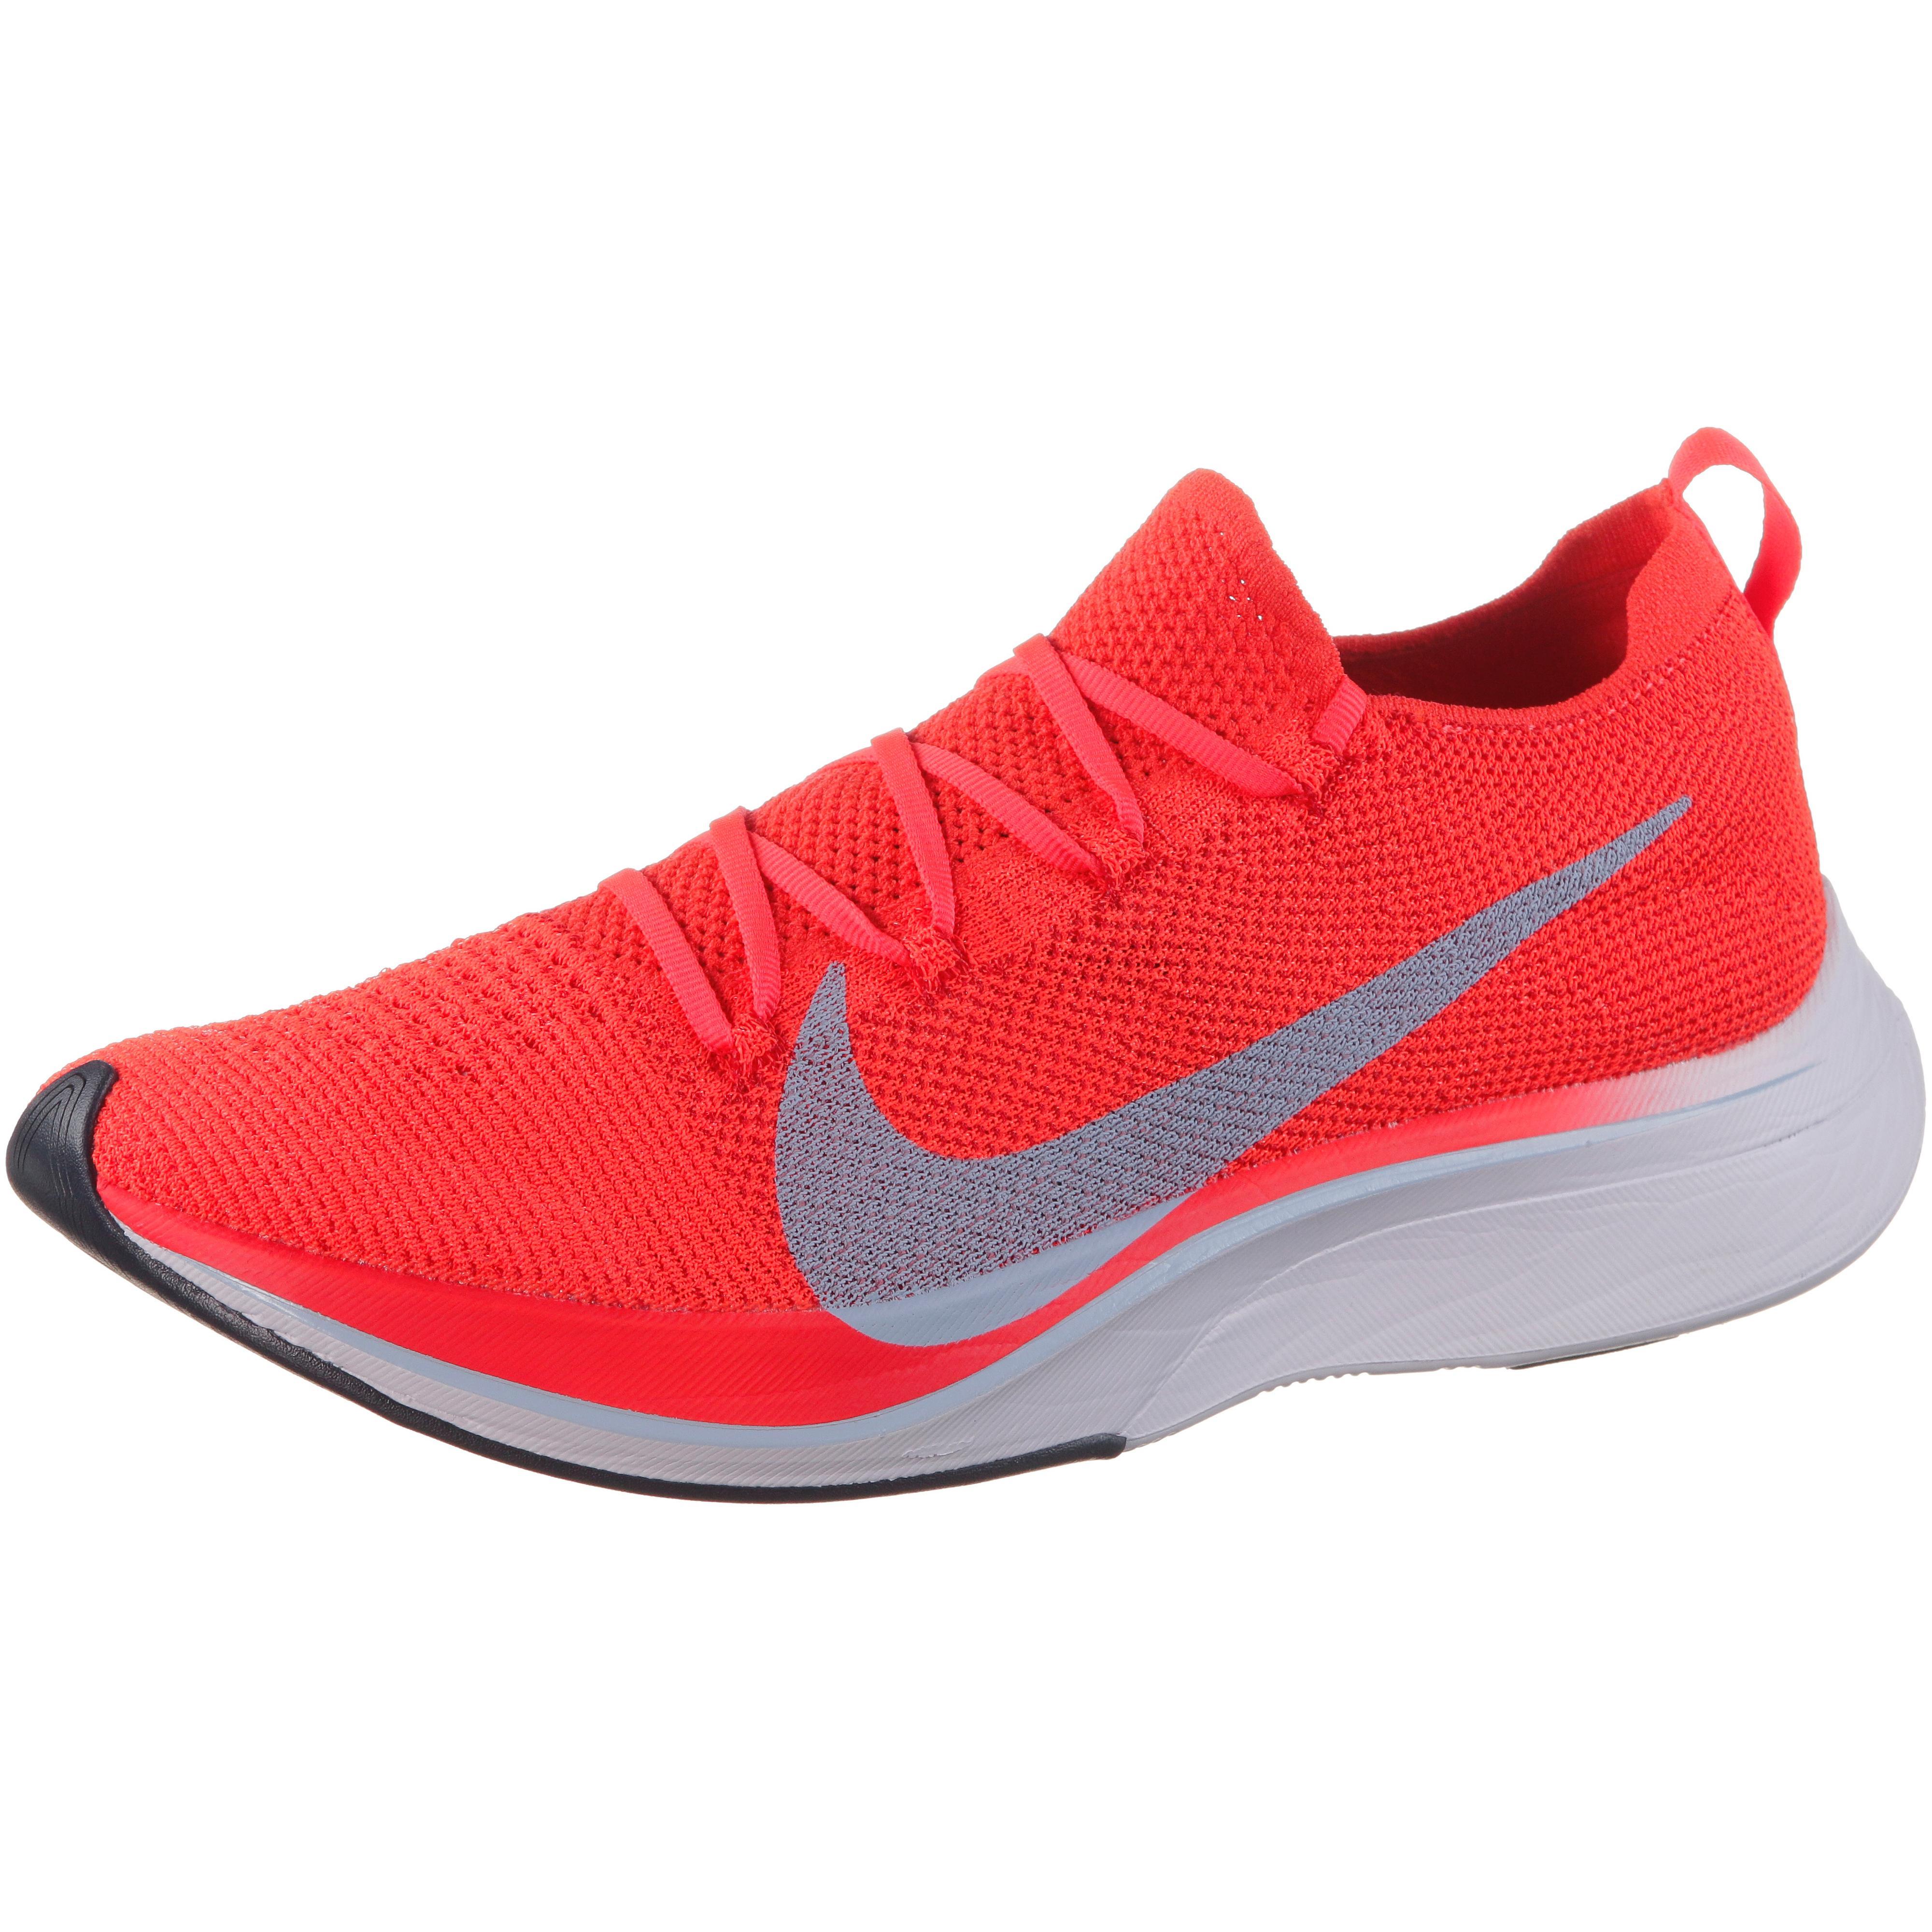 Nike VAPORFLY 4% FLYKNIT Laufschuhe bright crimson-ice blue-total  crimson-gridiron-univ red im Online Shop von SportScheck kaufen